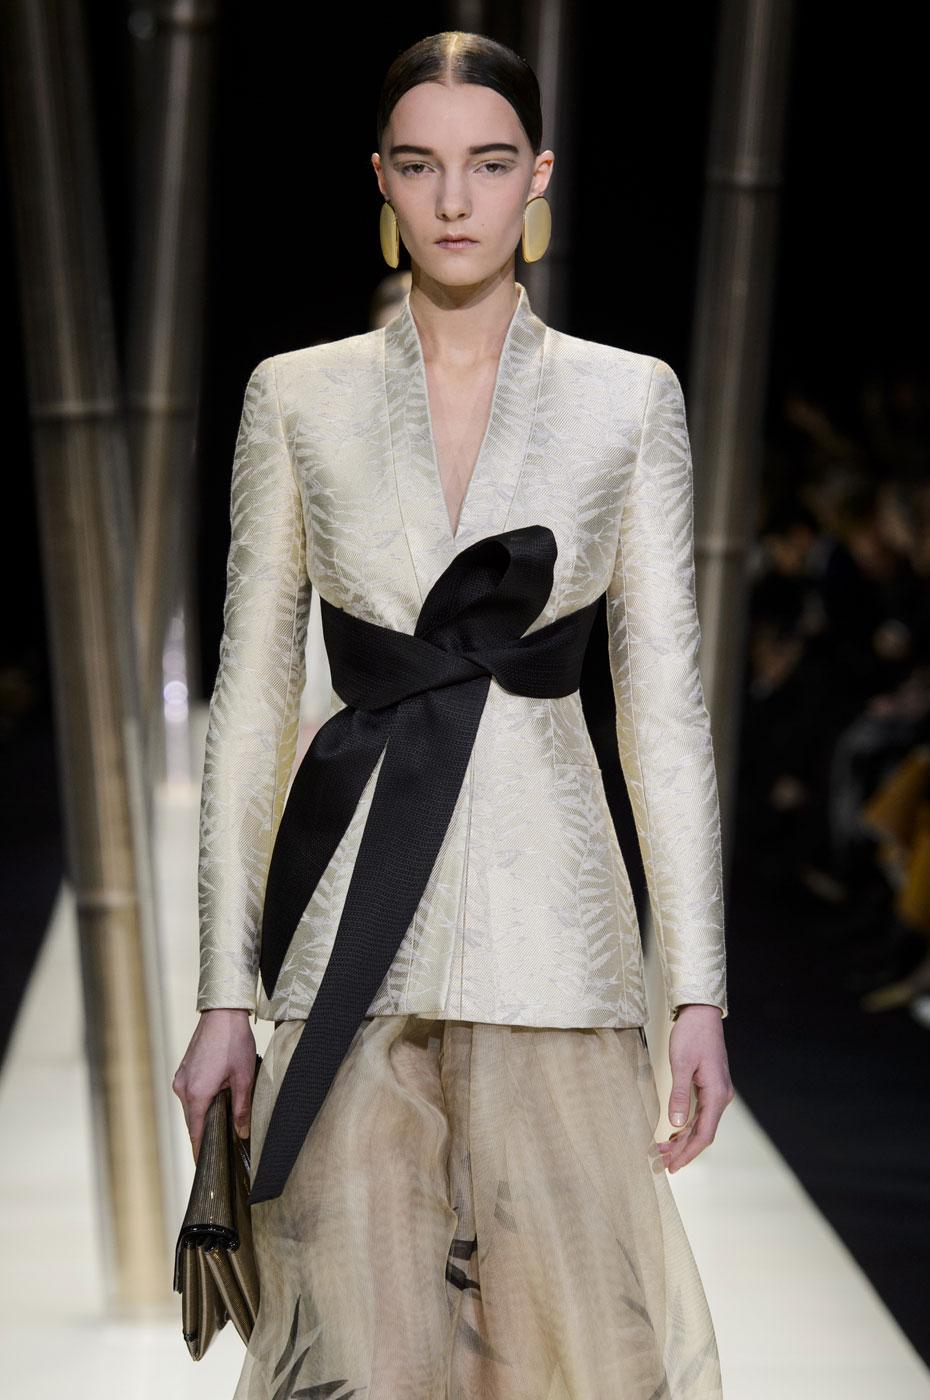 Giorgio-armani-Prive-fashion-runway-show-haute-couture-paris-spring-2015-the-impression-018